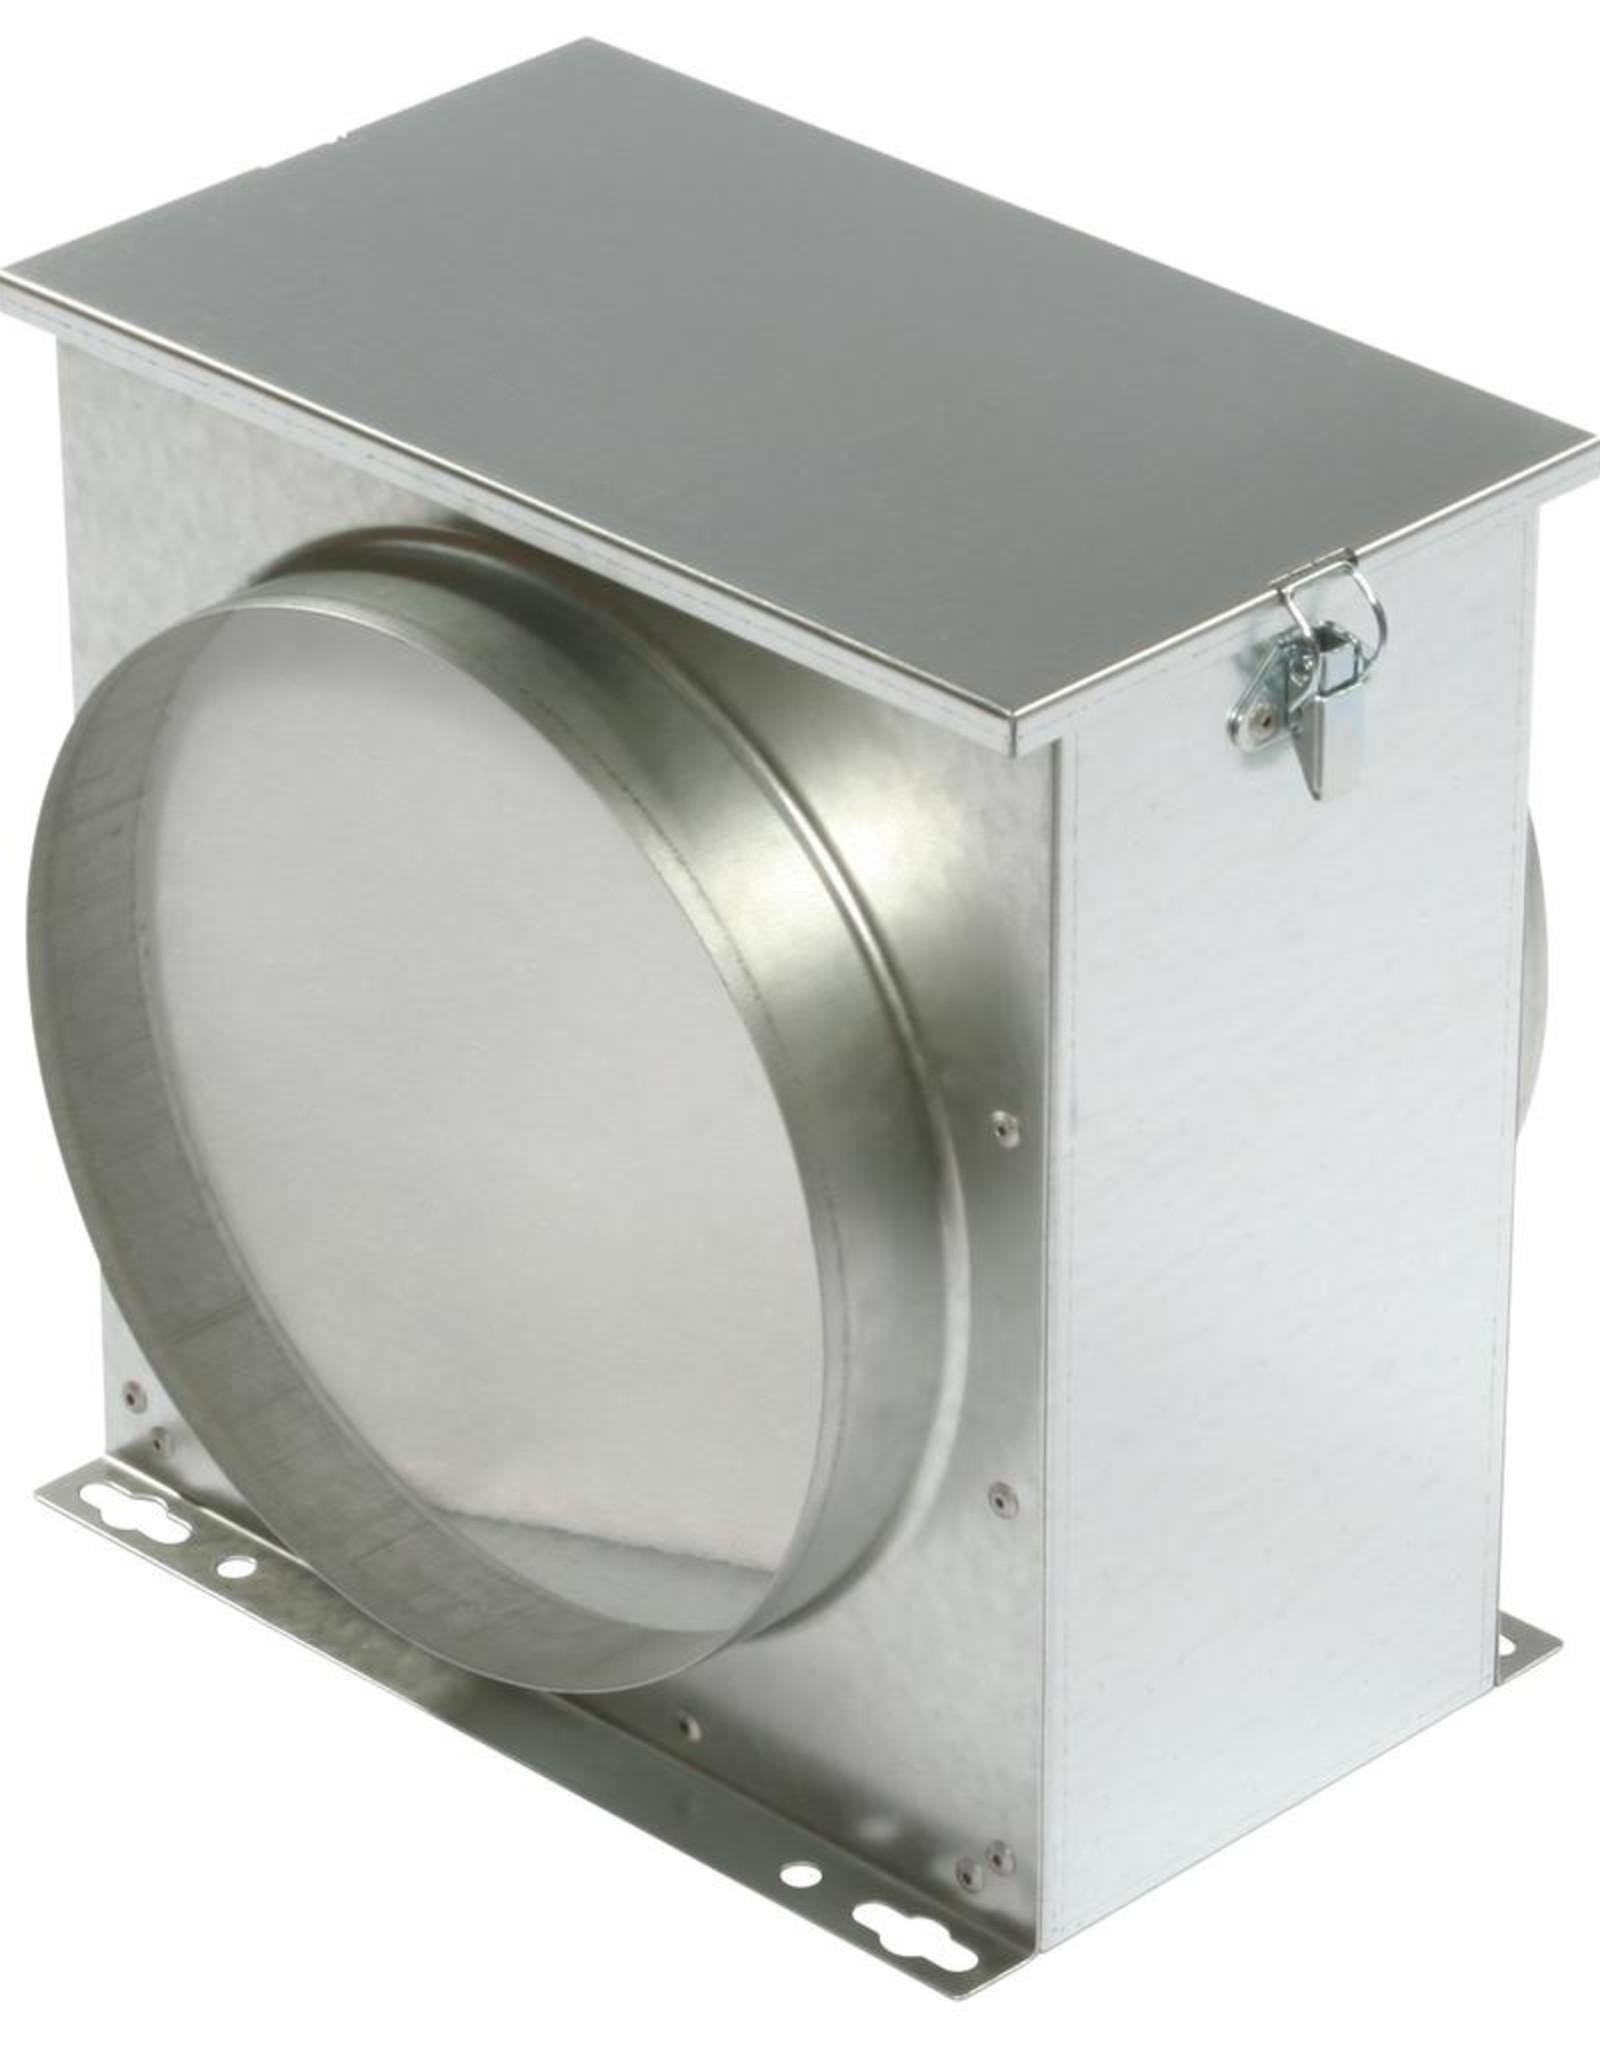 CAN FAN Can-Fan Intake Filter 4 in